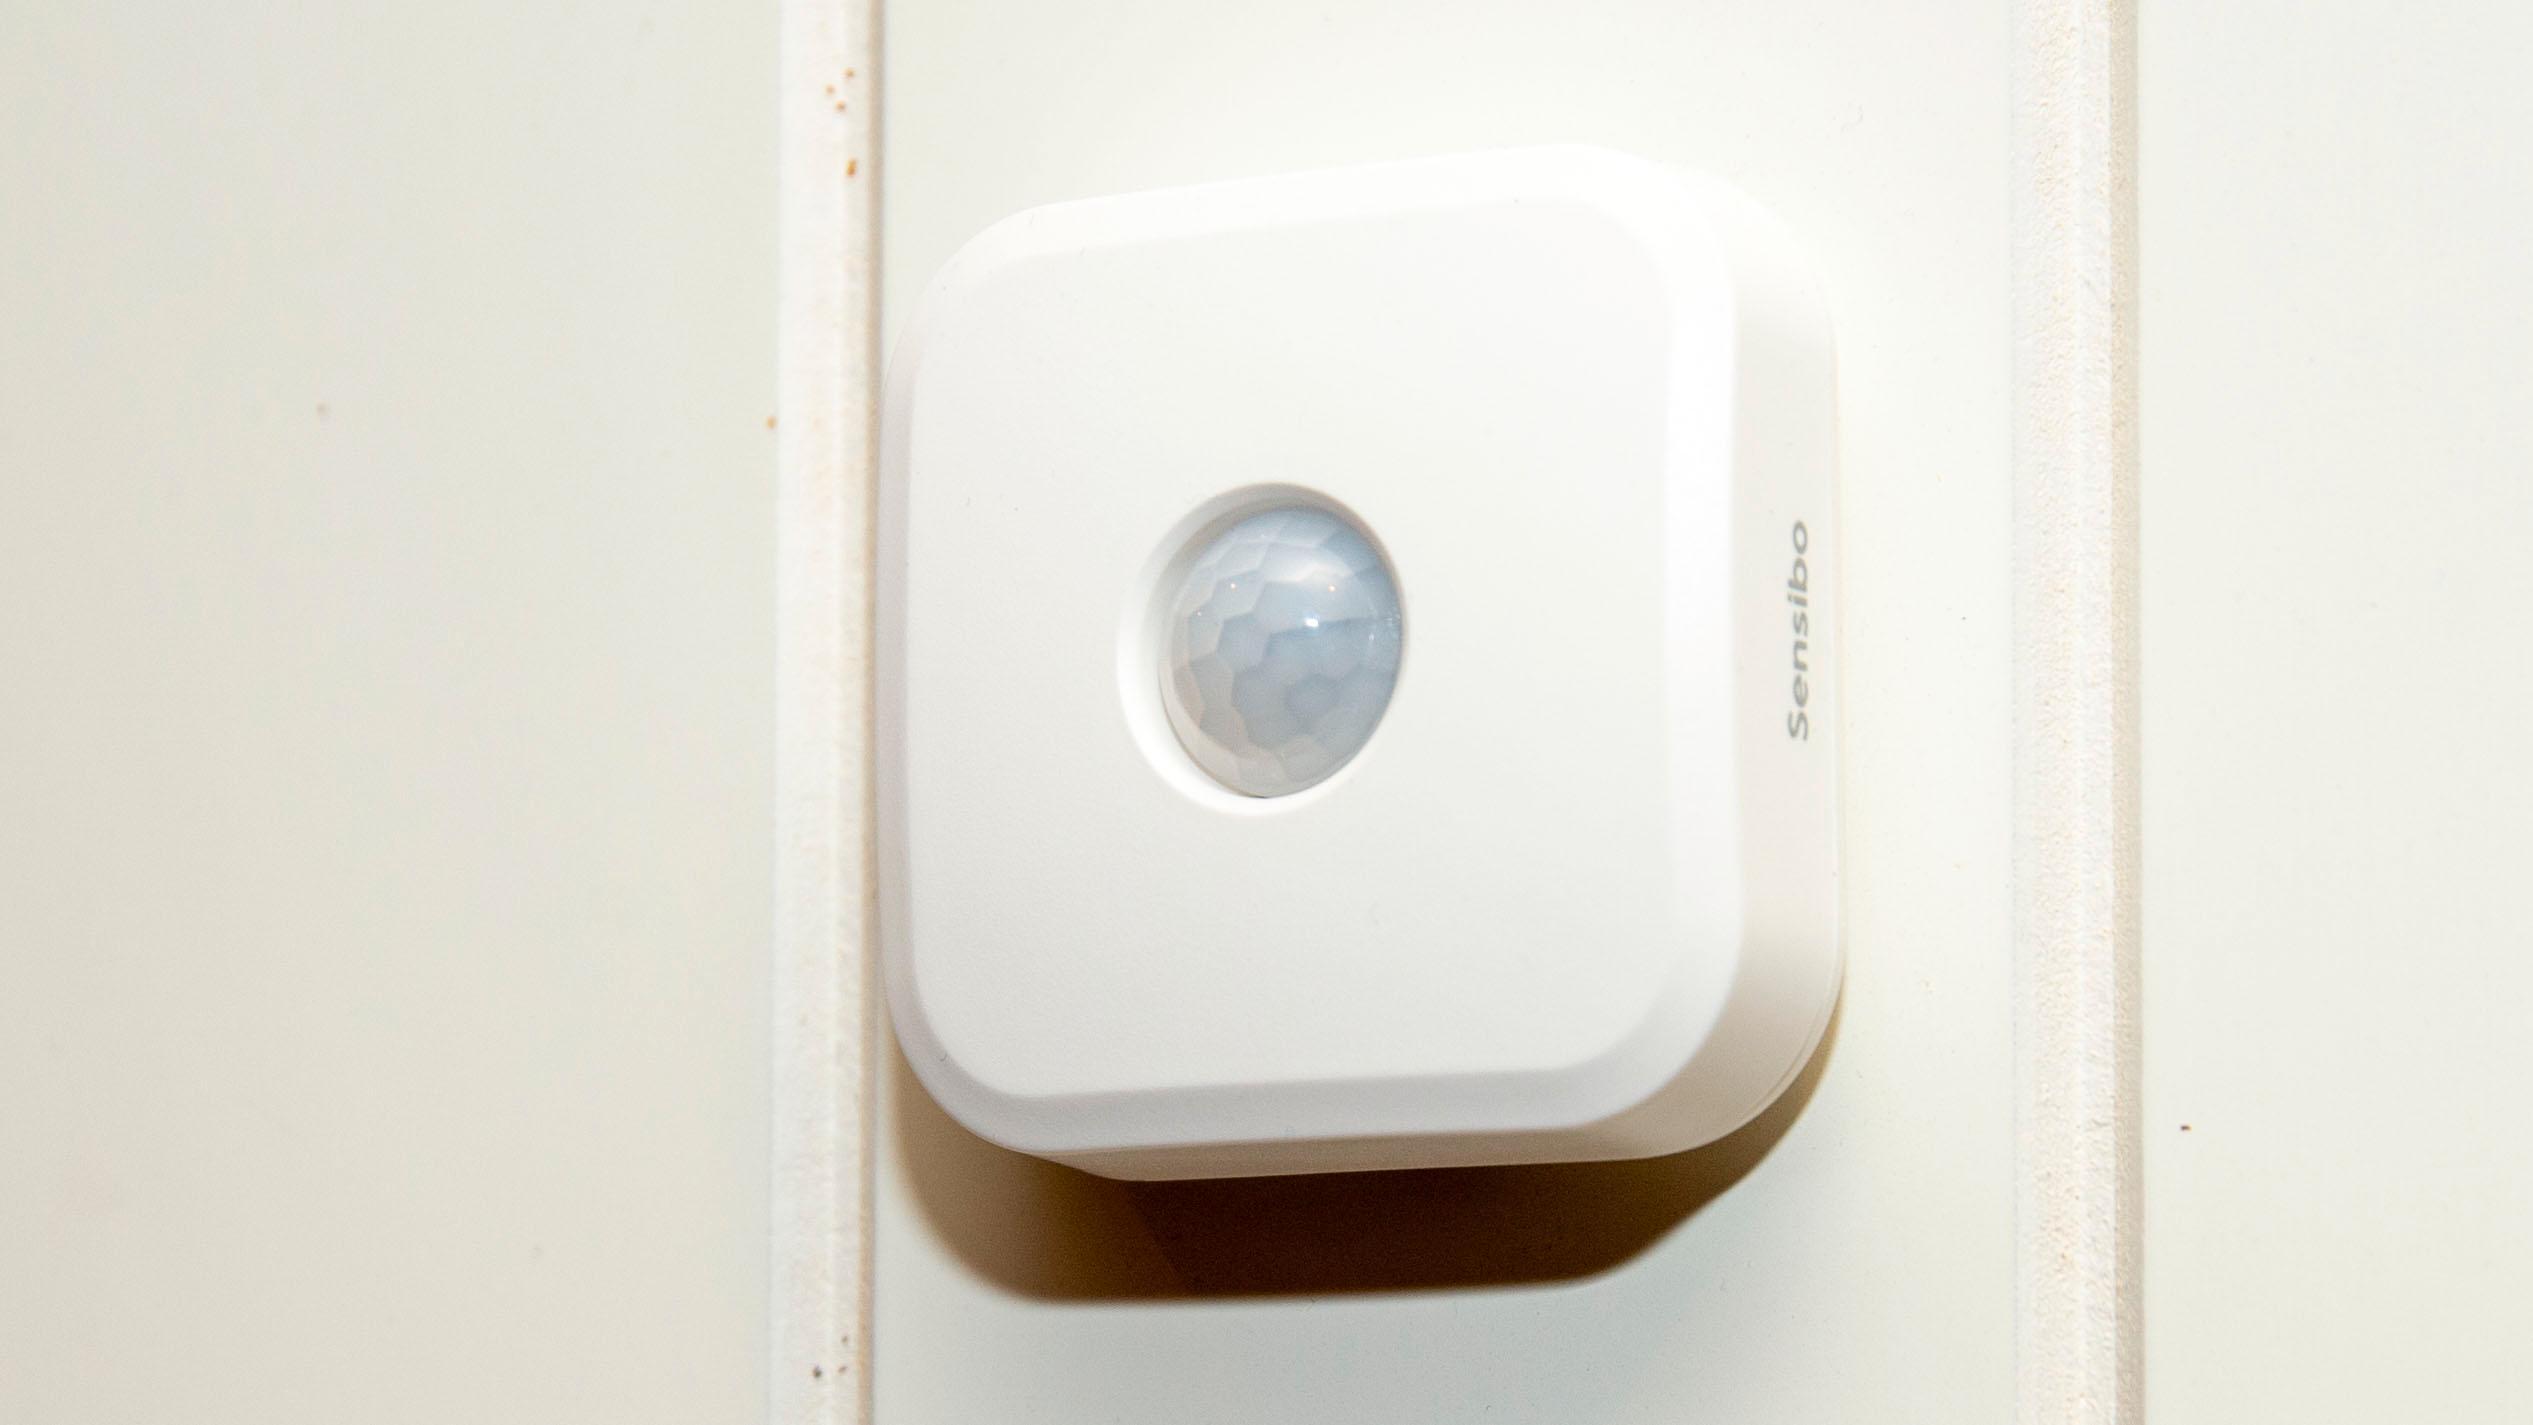 Sensoren skal stå et sted i rommet hvor den kan «se» om noen er hjemme. Den måler også temperatur og luftfuktighet.